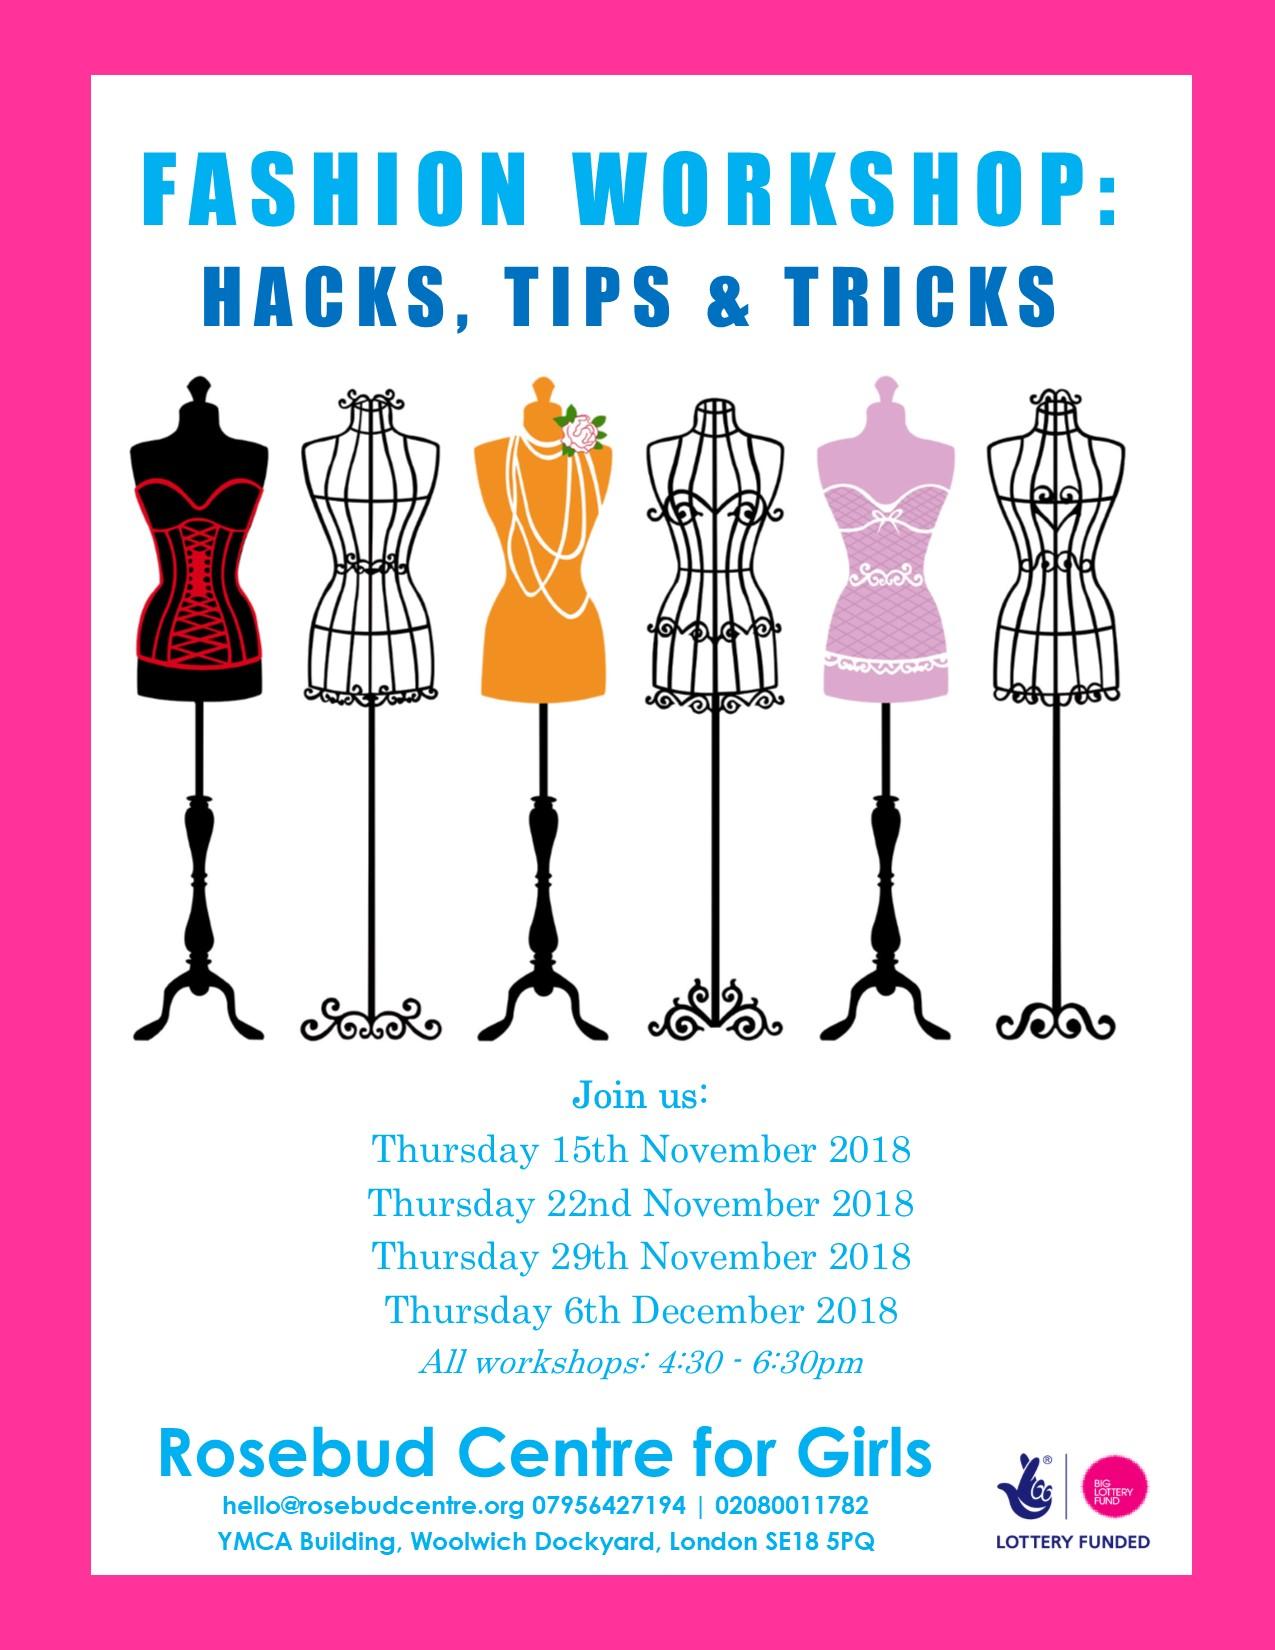 Fashion Workshop Hacks Tips And Tricks Rosebud Centre For Girls